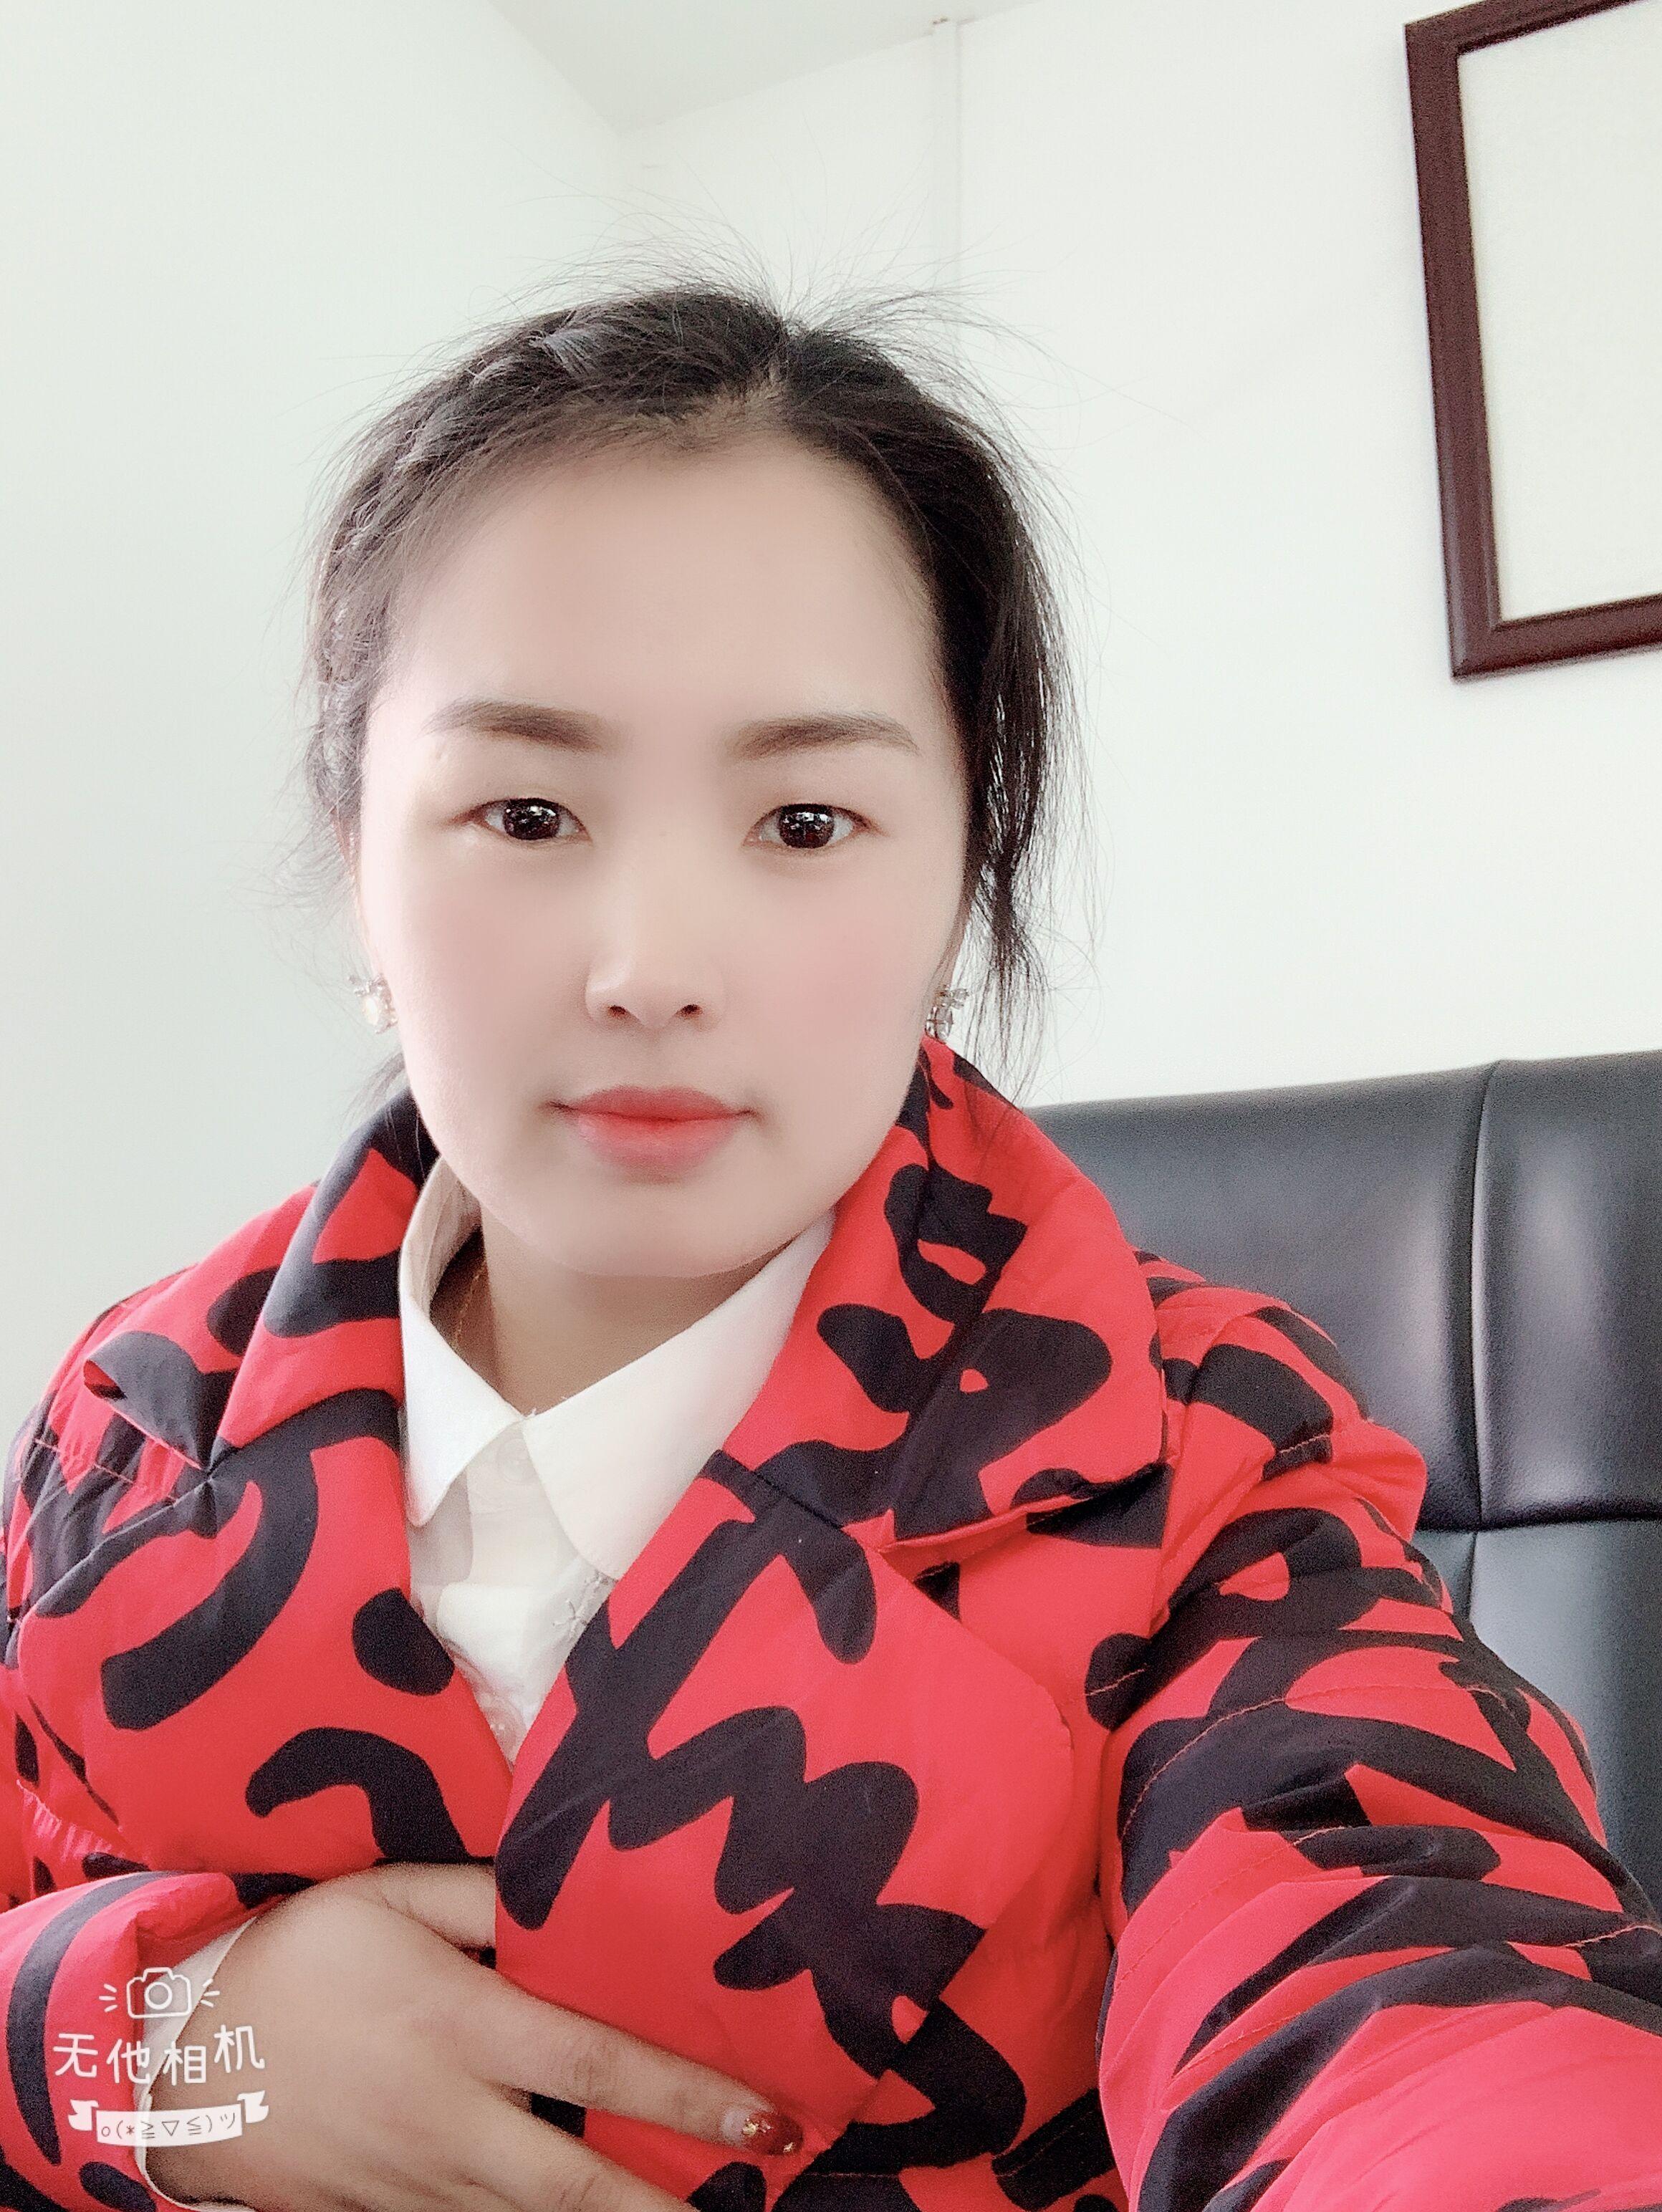 姜昌慧 - qaxyf.com北納標物網